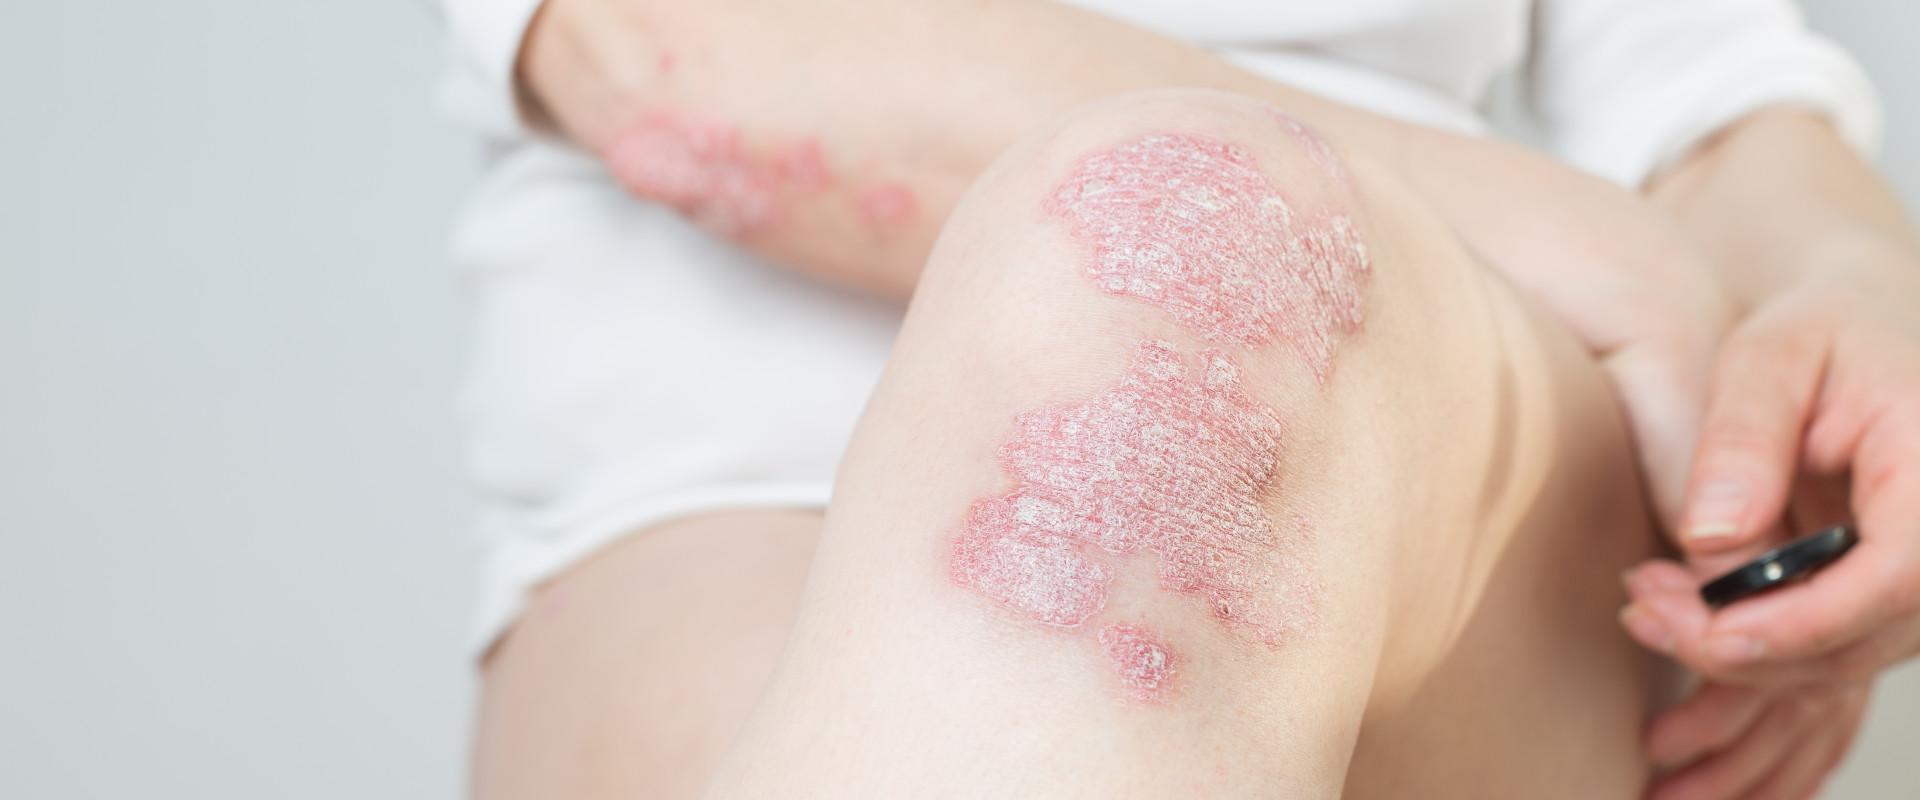 Psoriasis: roze, schilferende, jeukende plekken